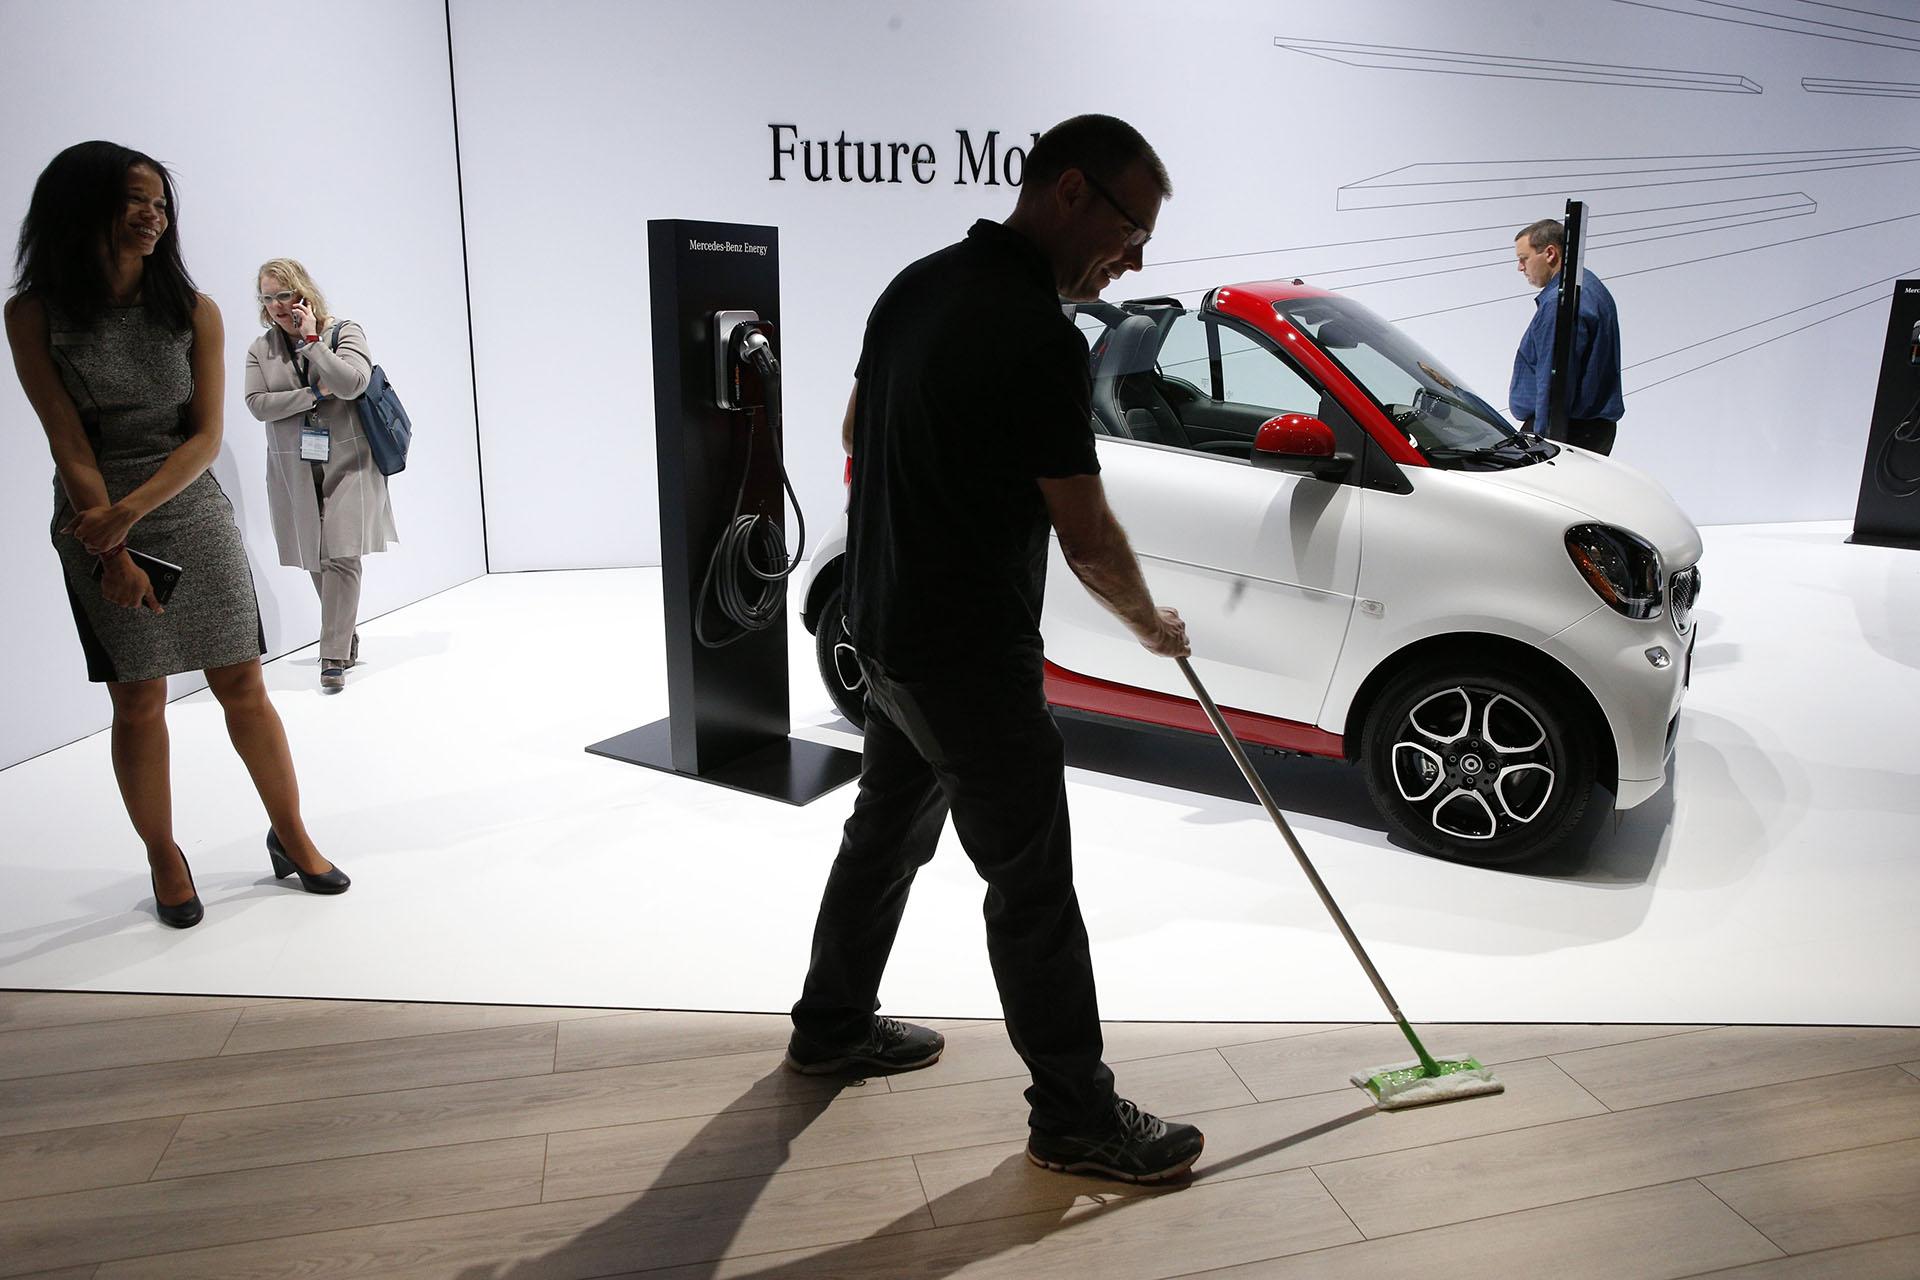 Unempleado prepara el stand de Daimler AG para la apertura del Salón de Nueva York, que abrirá sus puertas al público del 30 al 8 de abril. De fondo, se luce un Smart car Fortwo Electric Drive que expone las ideas de movilidad inteligente de la marca